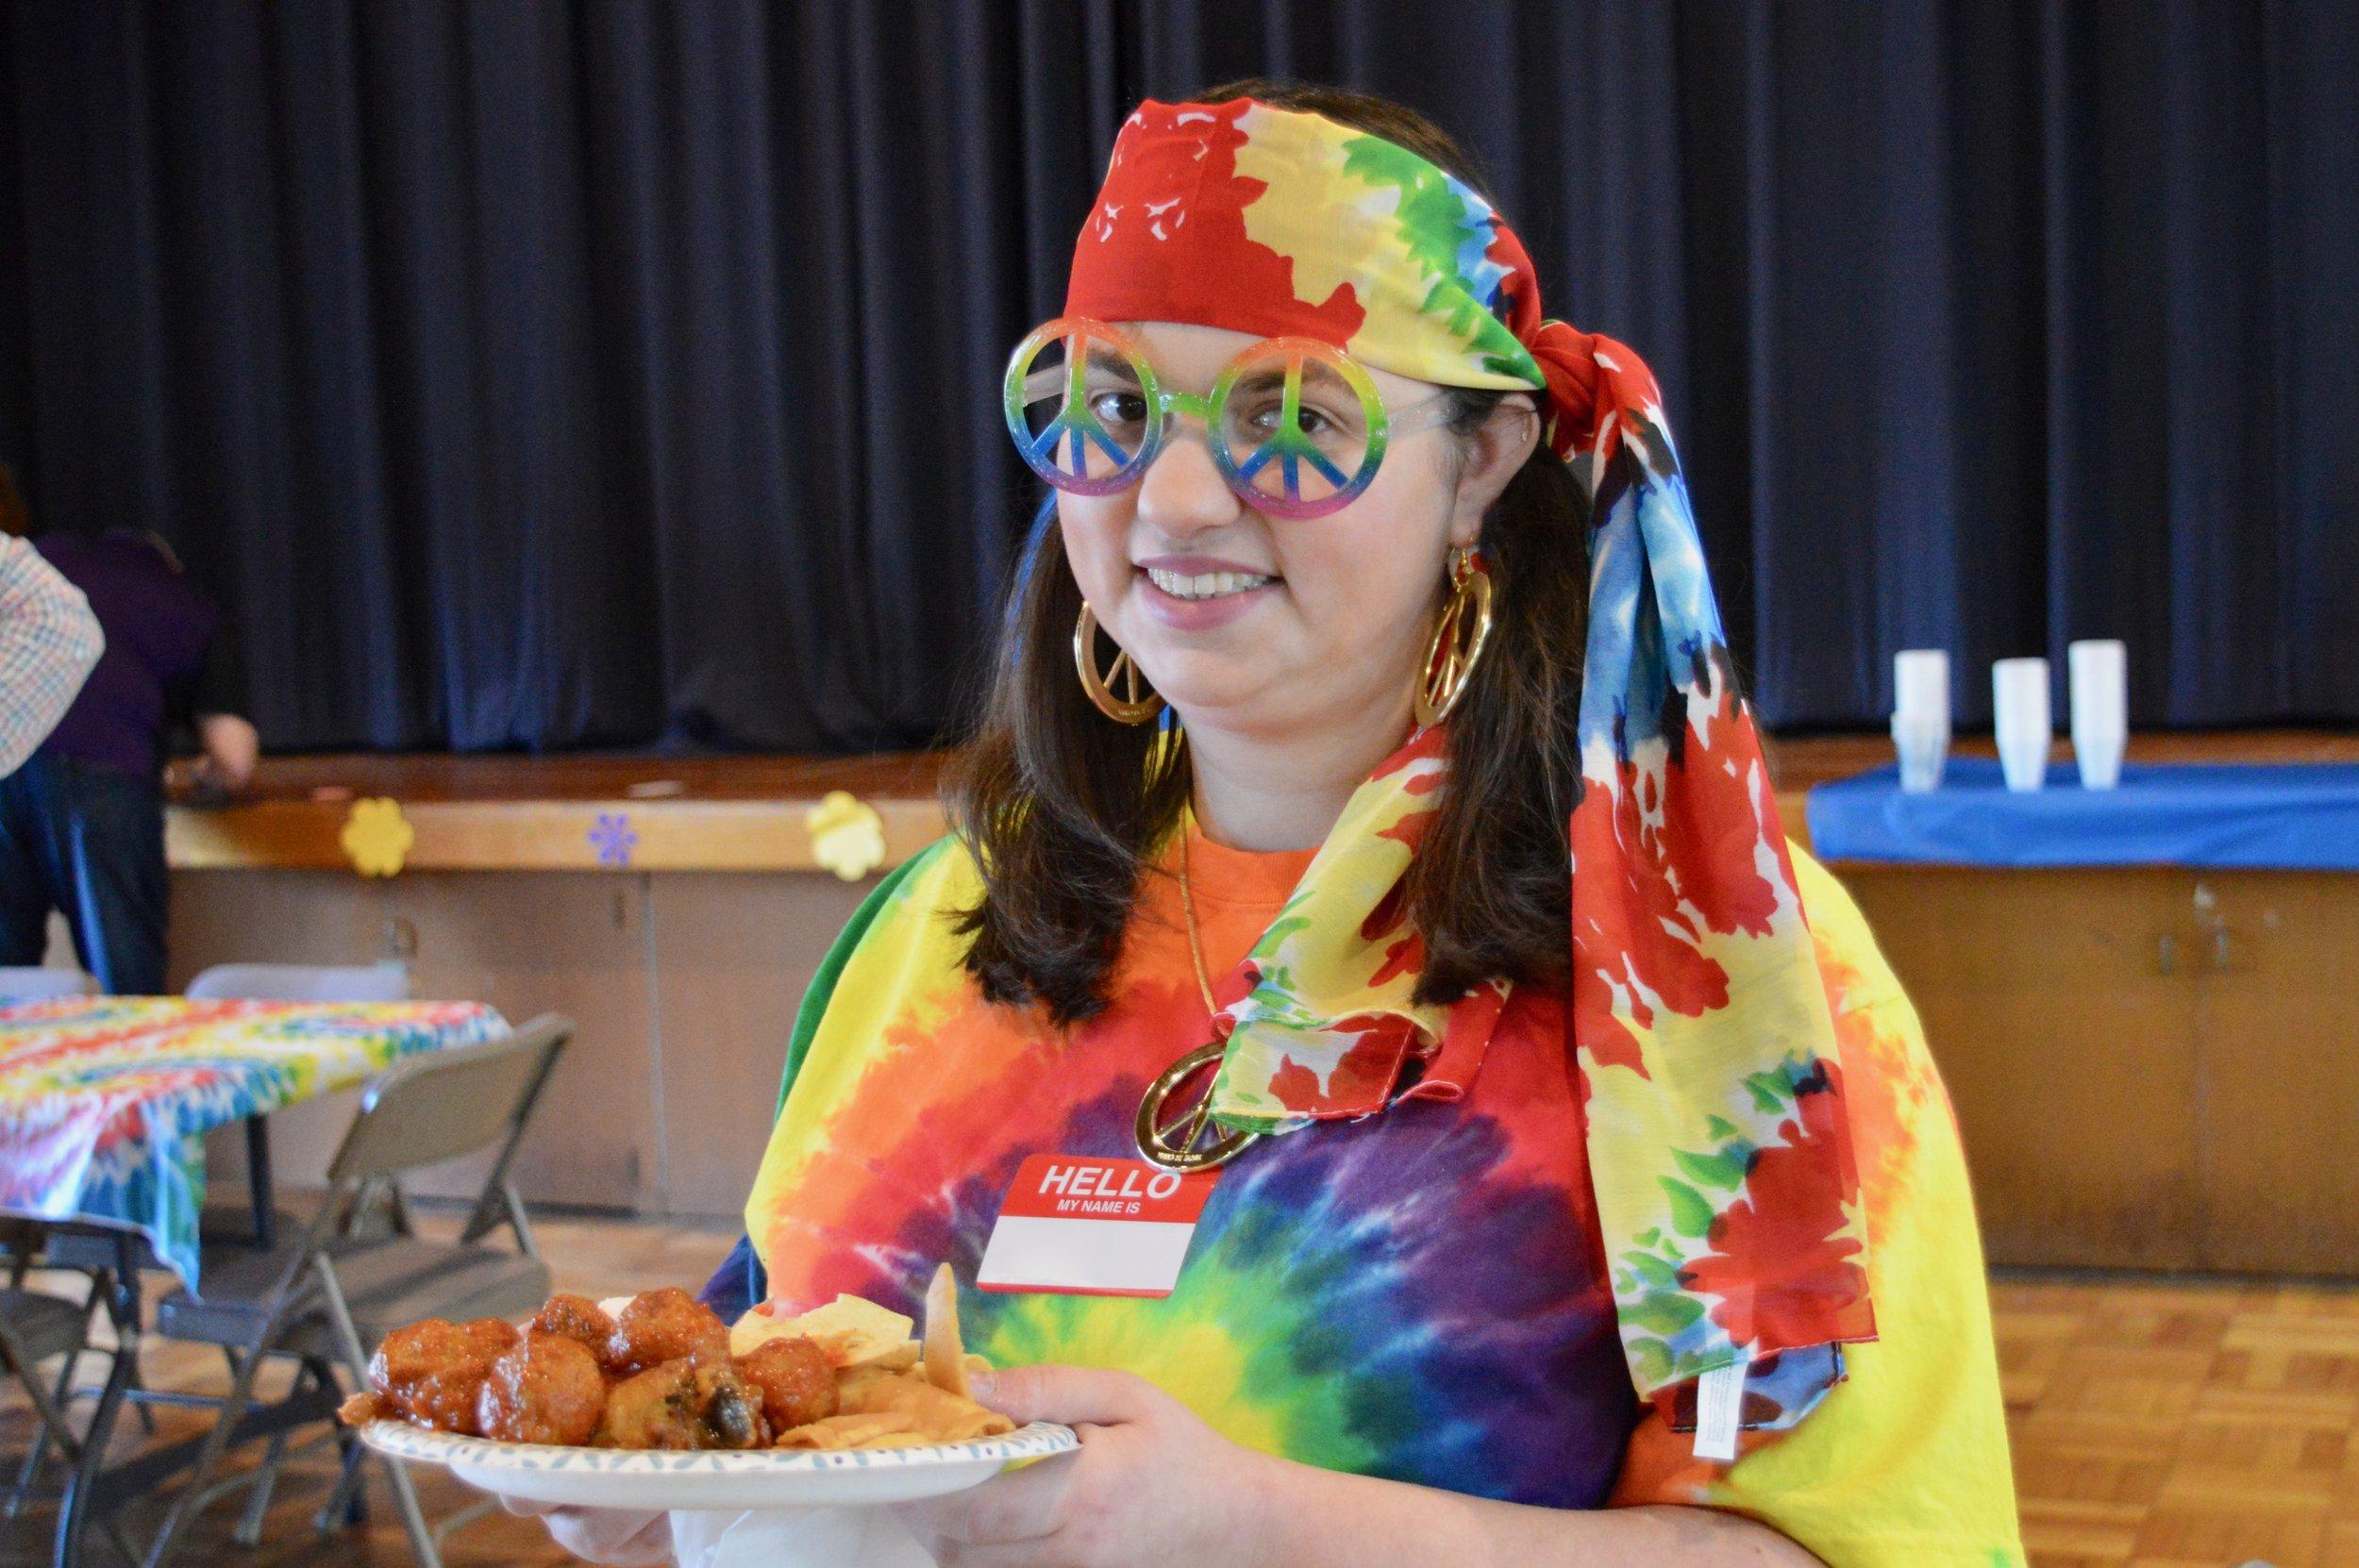 Haley hippie.jpg